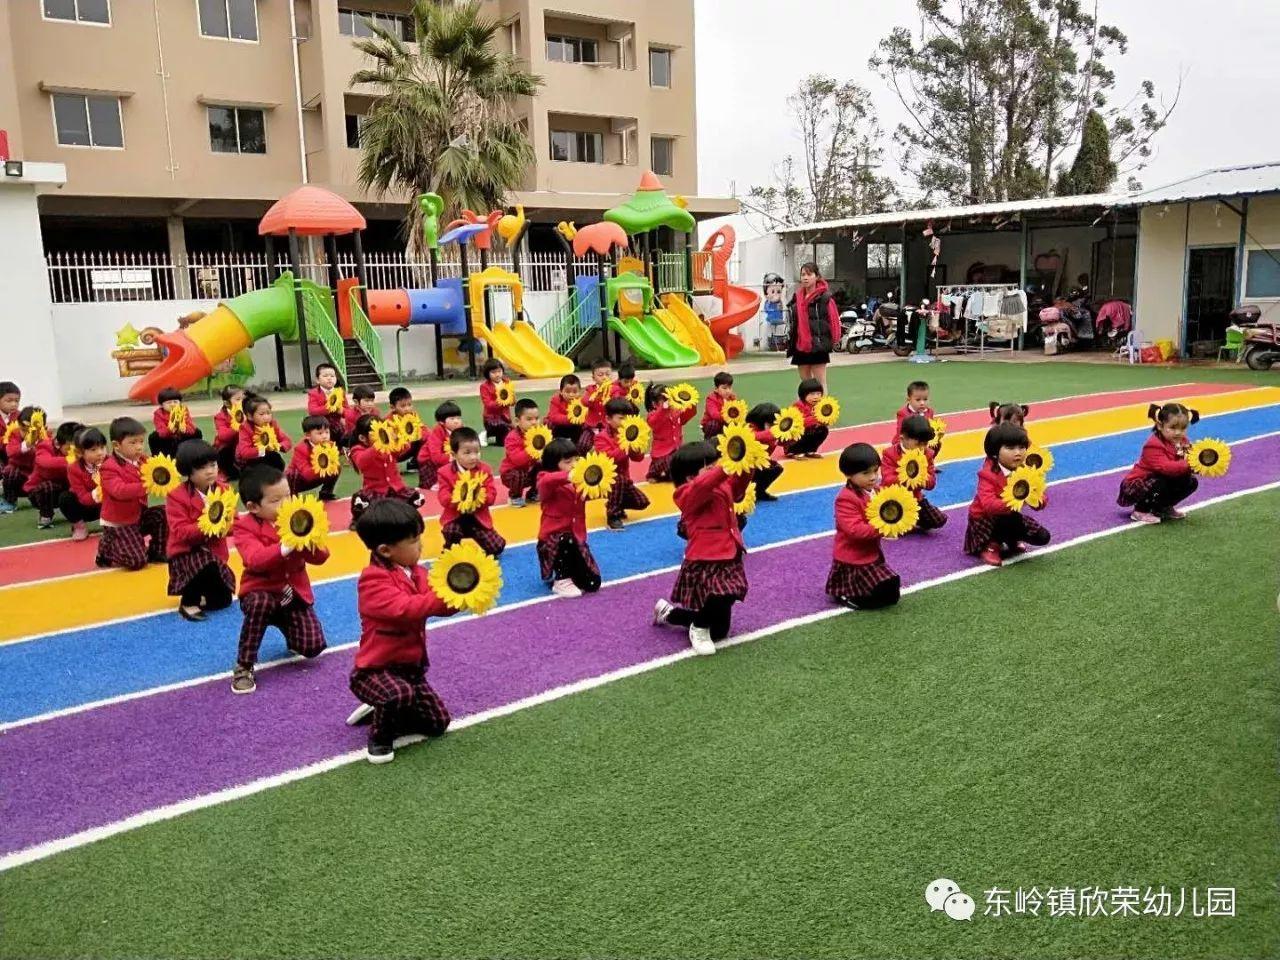 原标题:我健康,我快乐 欣荣幼儿园早操比赛活动  O T R F 我 们 一 起 做 早 操 我 爱 运 动 早操活动是一日活动中的重要环节在发展幼儿基本动作,增强幼儿体质,培养幼儿群体意识等方面有着重要的作用。为促进幼儿身心健康发展,切实加强早操活动的规范管理,不断提高早操的质量,12月13日欣荣幼儿园举行了幼儿早操评比活动。 大段